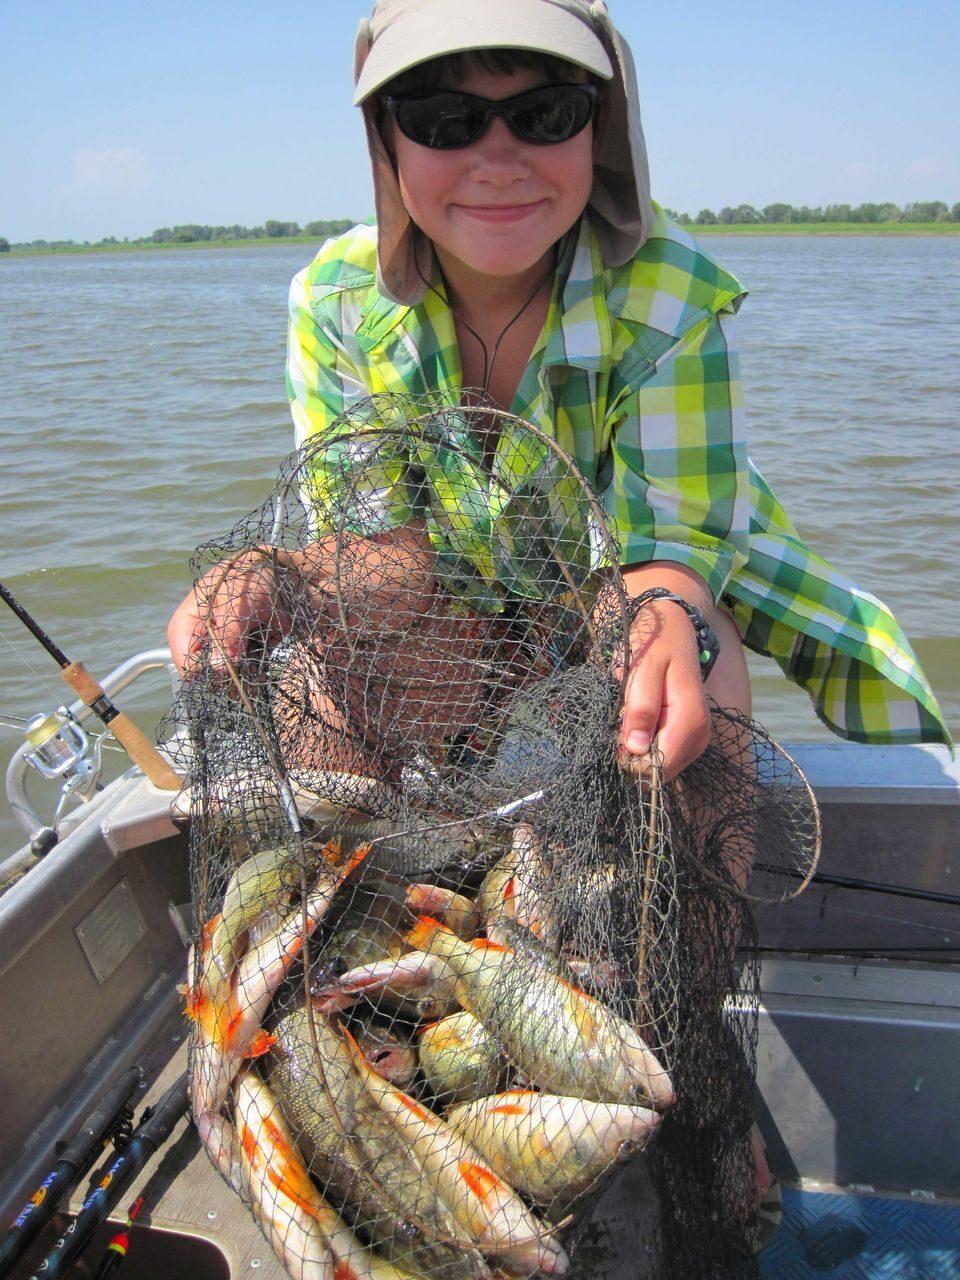 рыбалка на волге отчет с фото